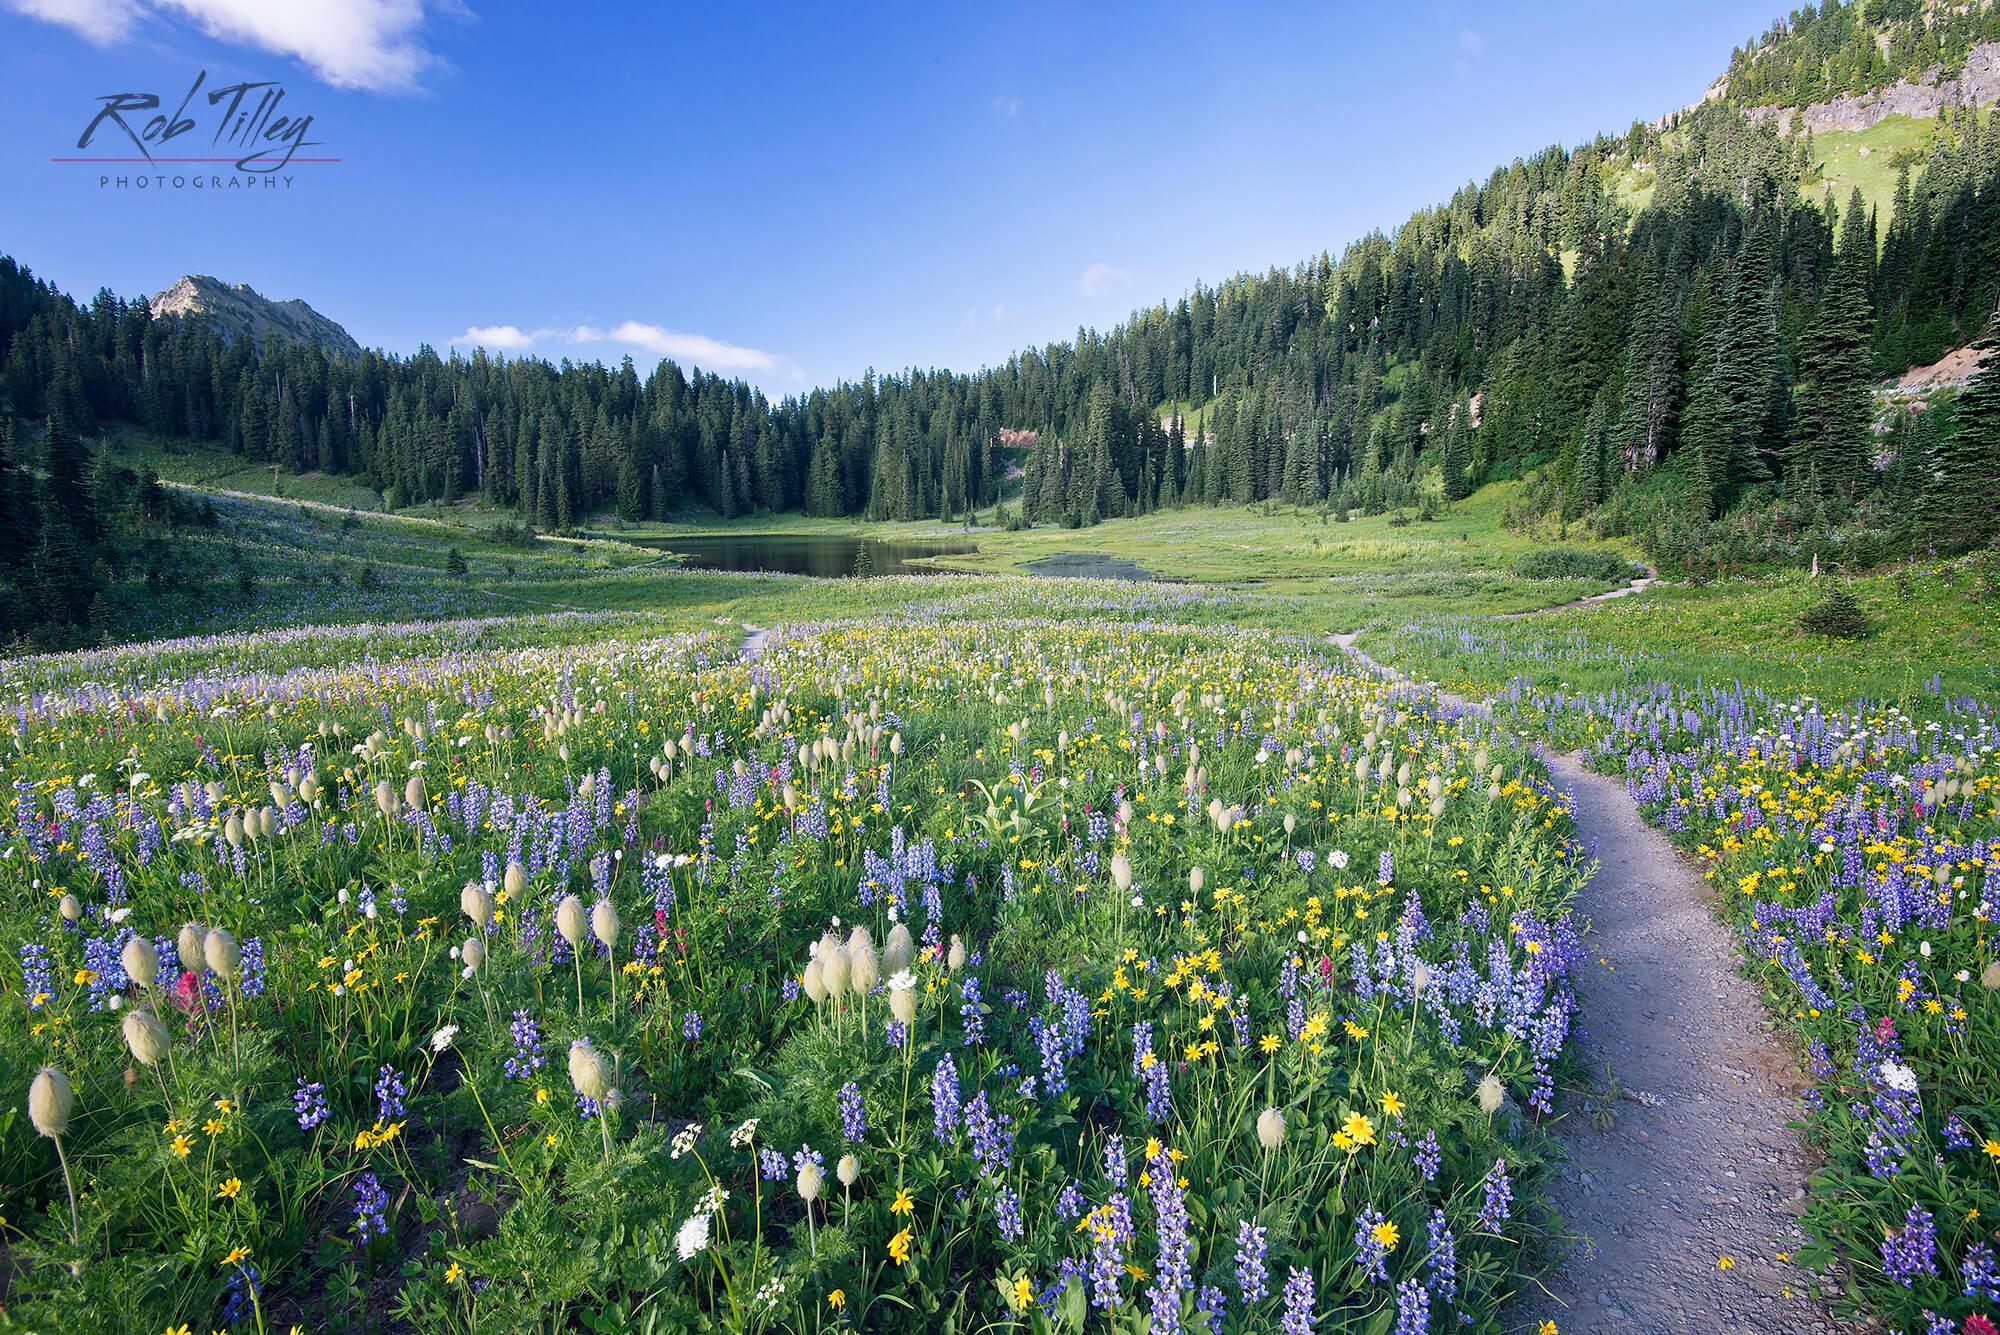 Tipsoo Lake Wildflowers.jpg